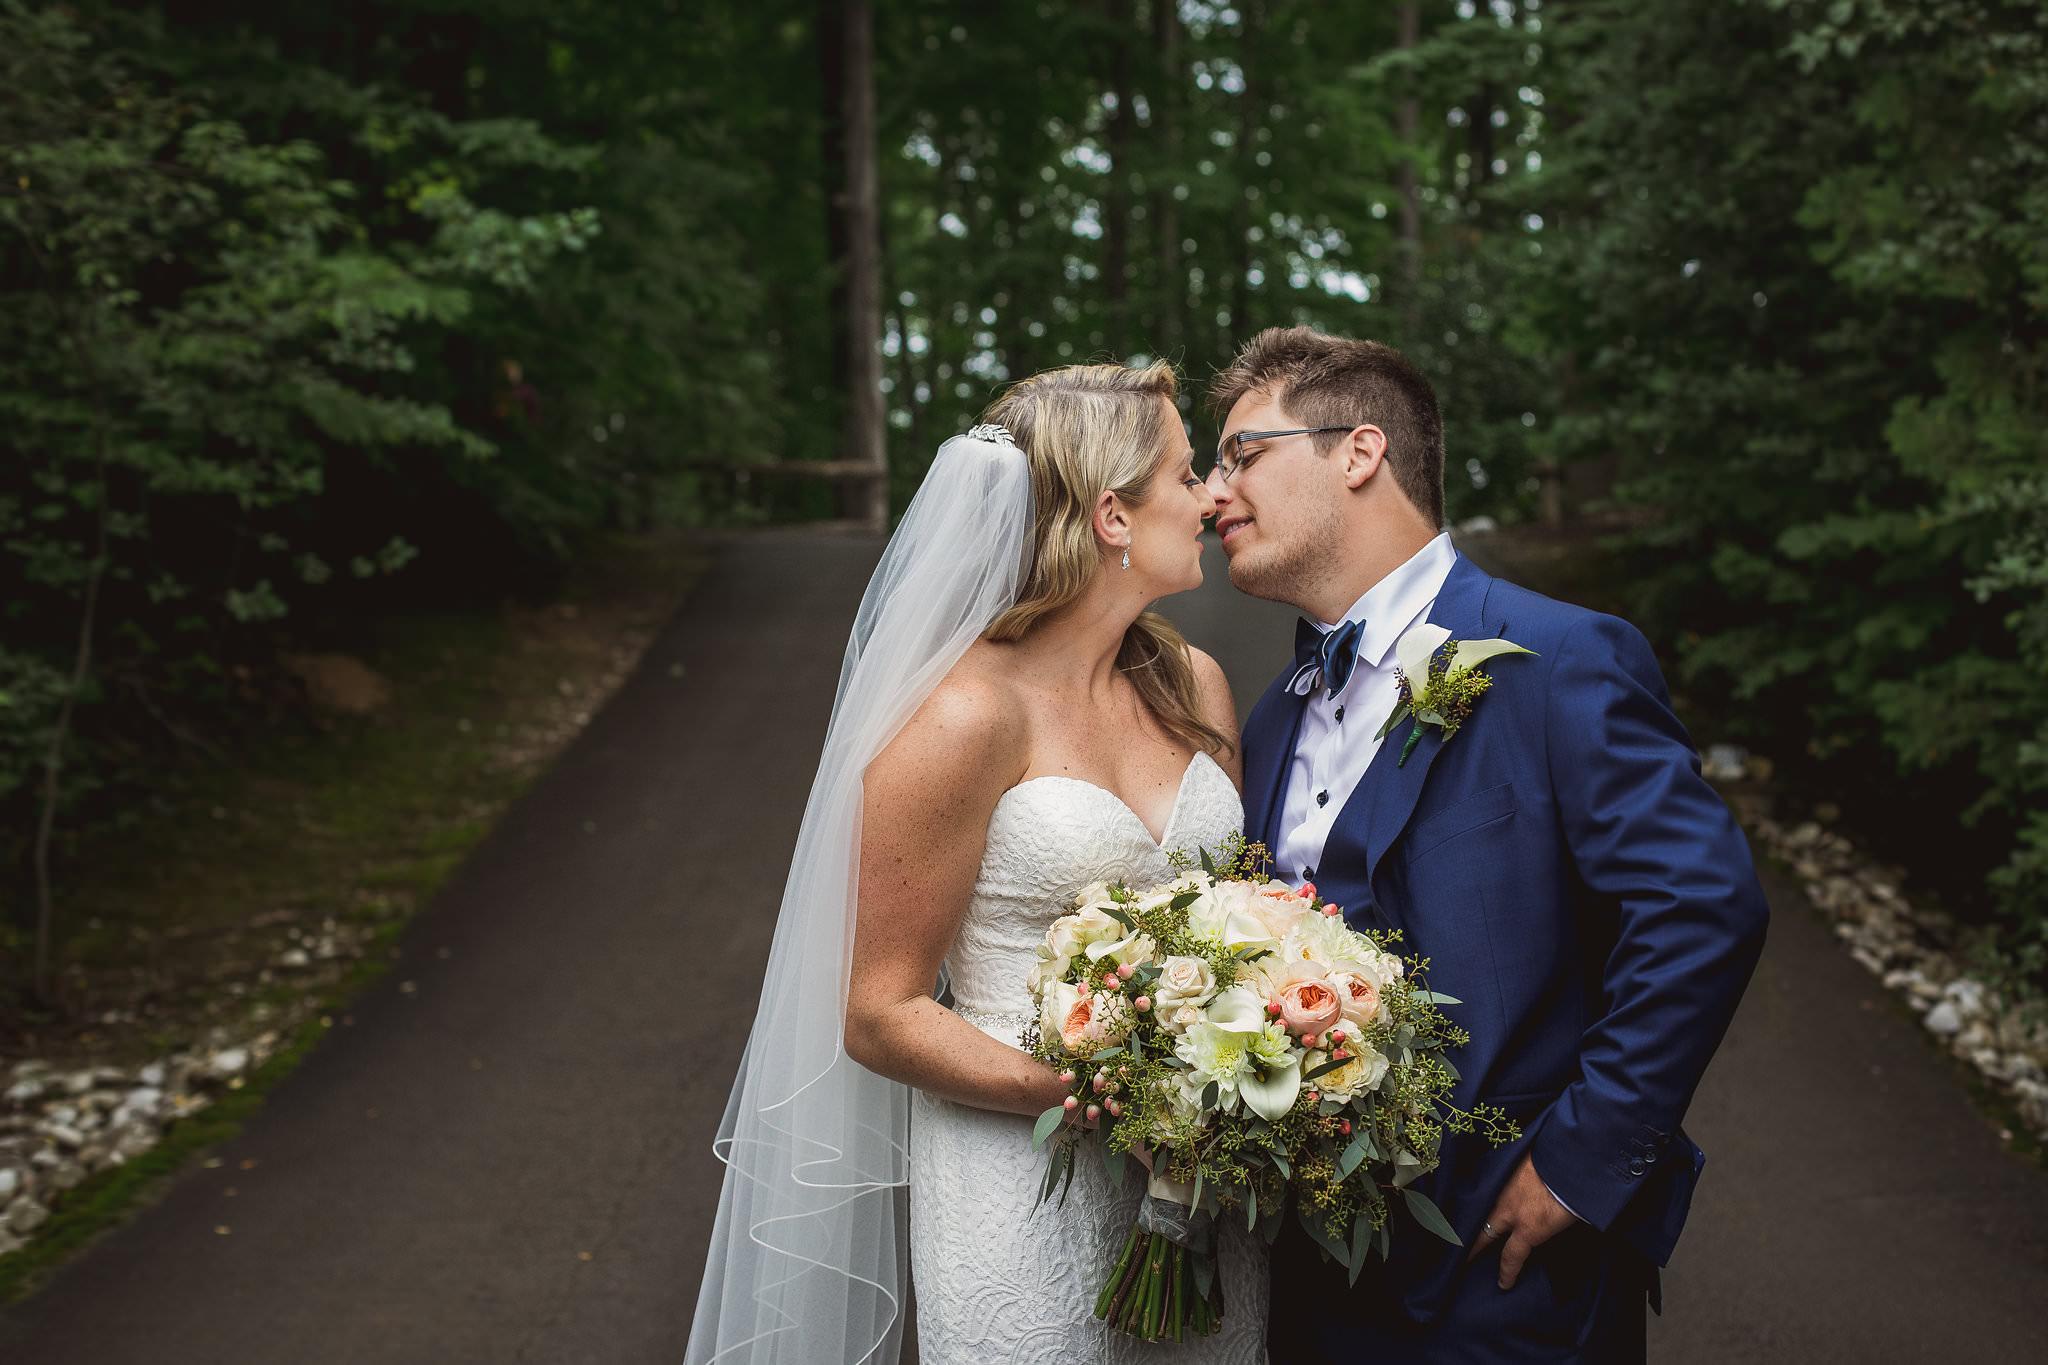 whistlebearweddingphotos 532 - Whistle Bear Wedding Photos